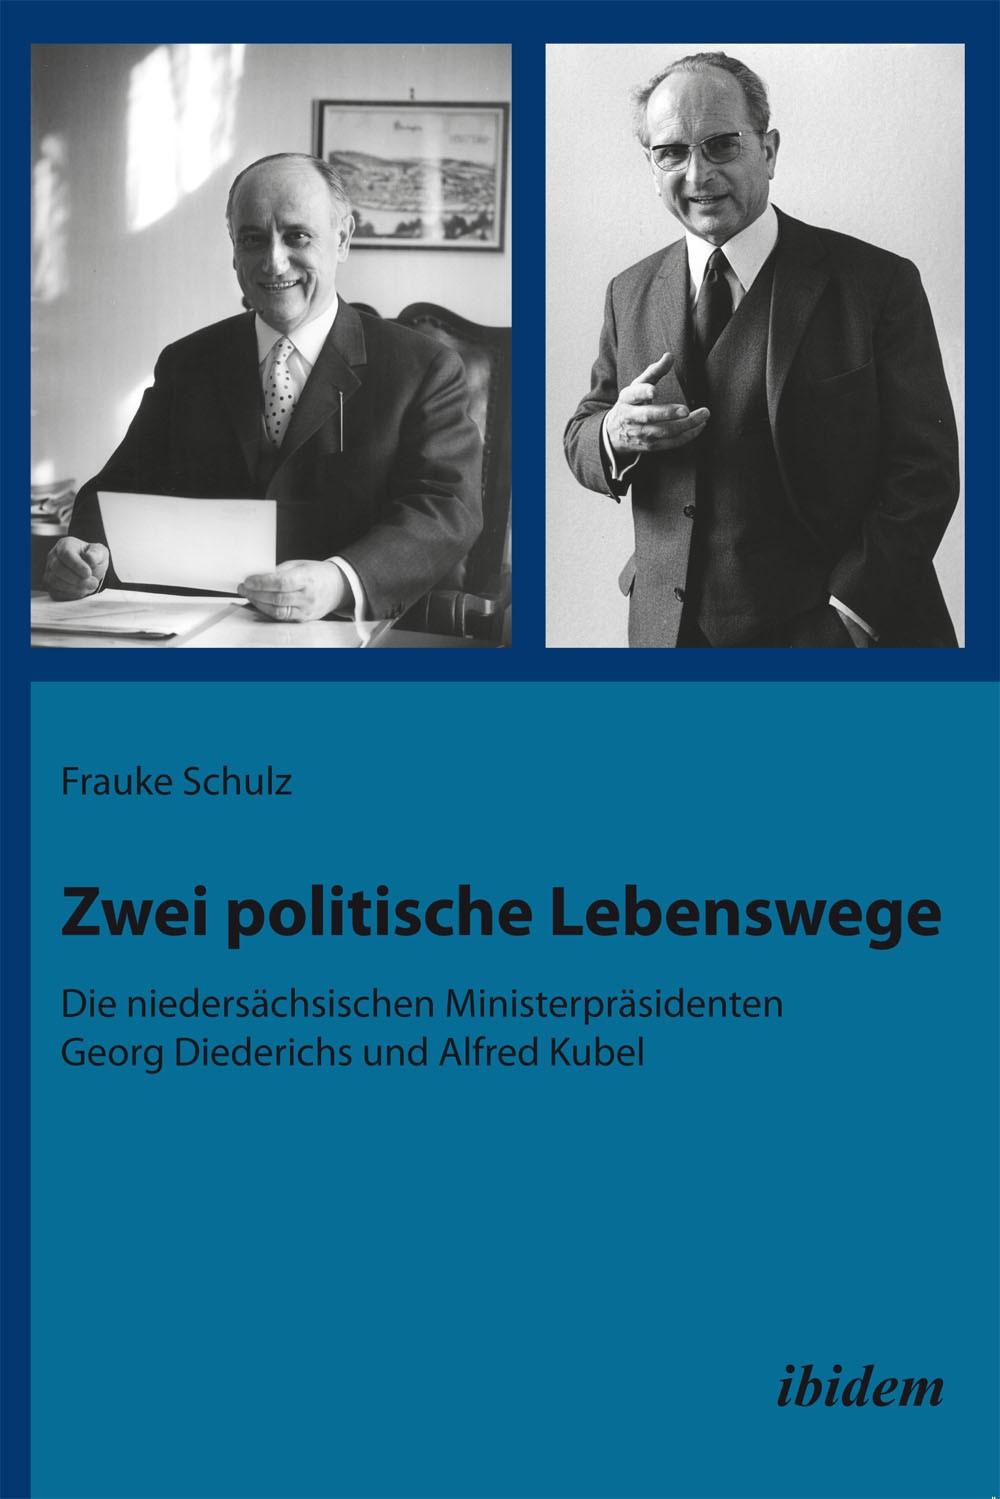 Zwei politische Lebenswege. Die niedersächsischen Ministerpräsidenten Georg Diederichs und Alfred Kubel